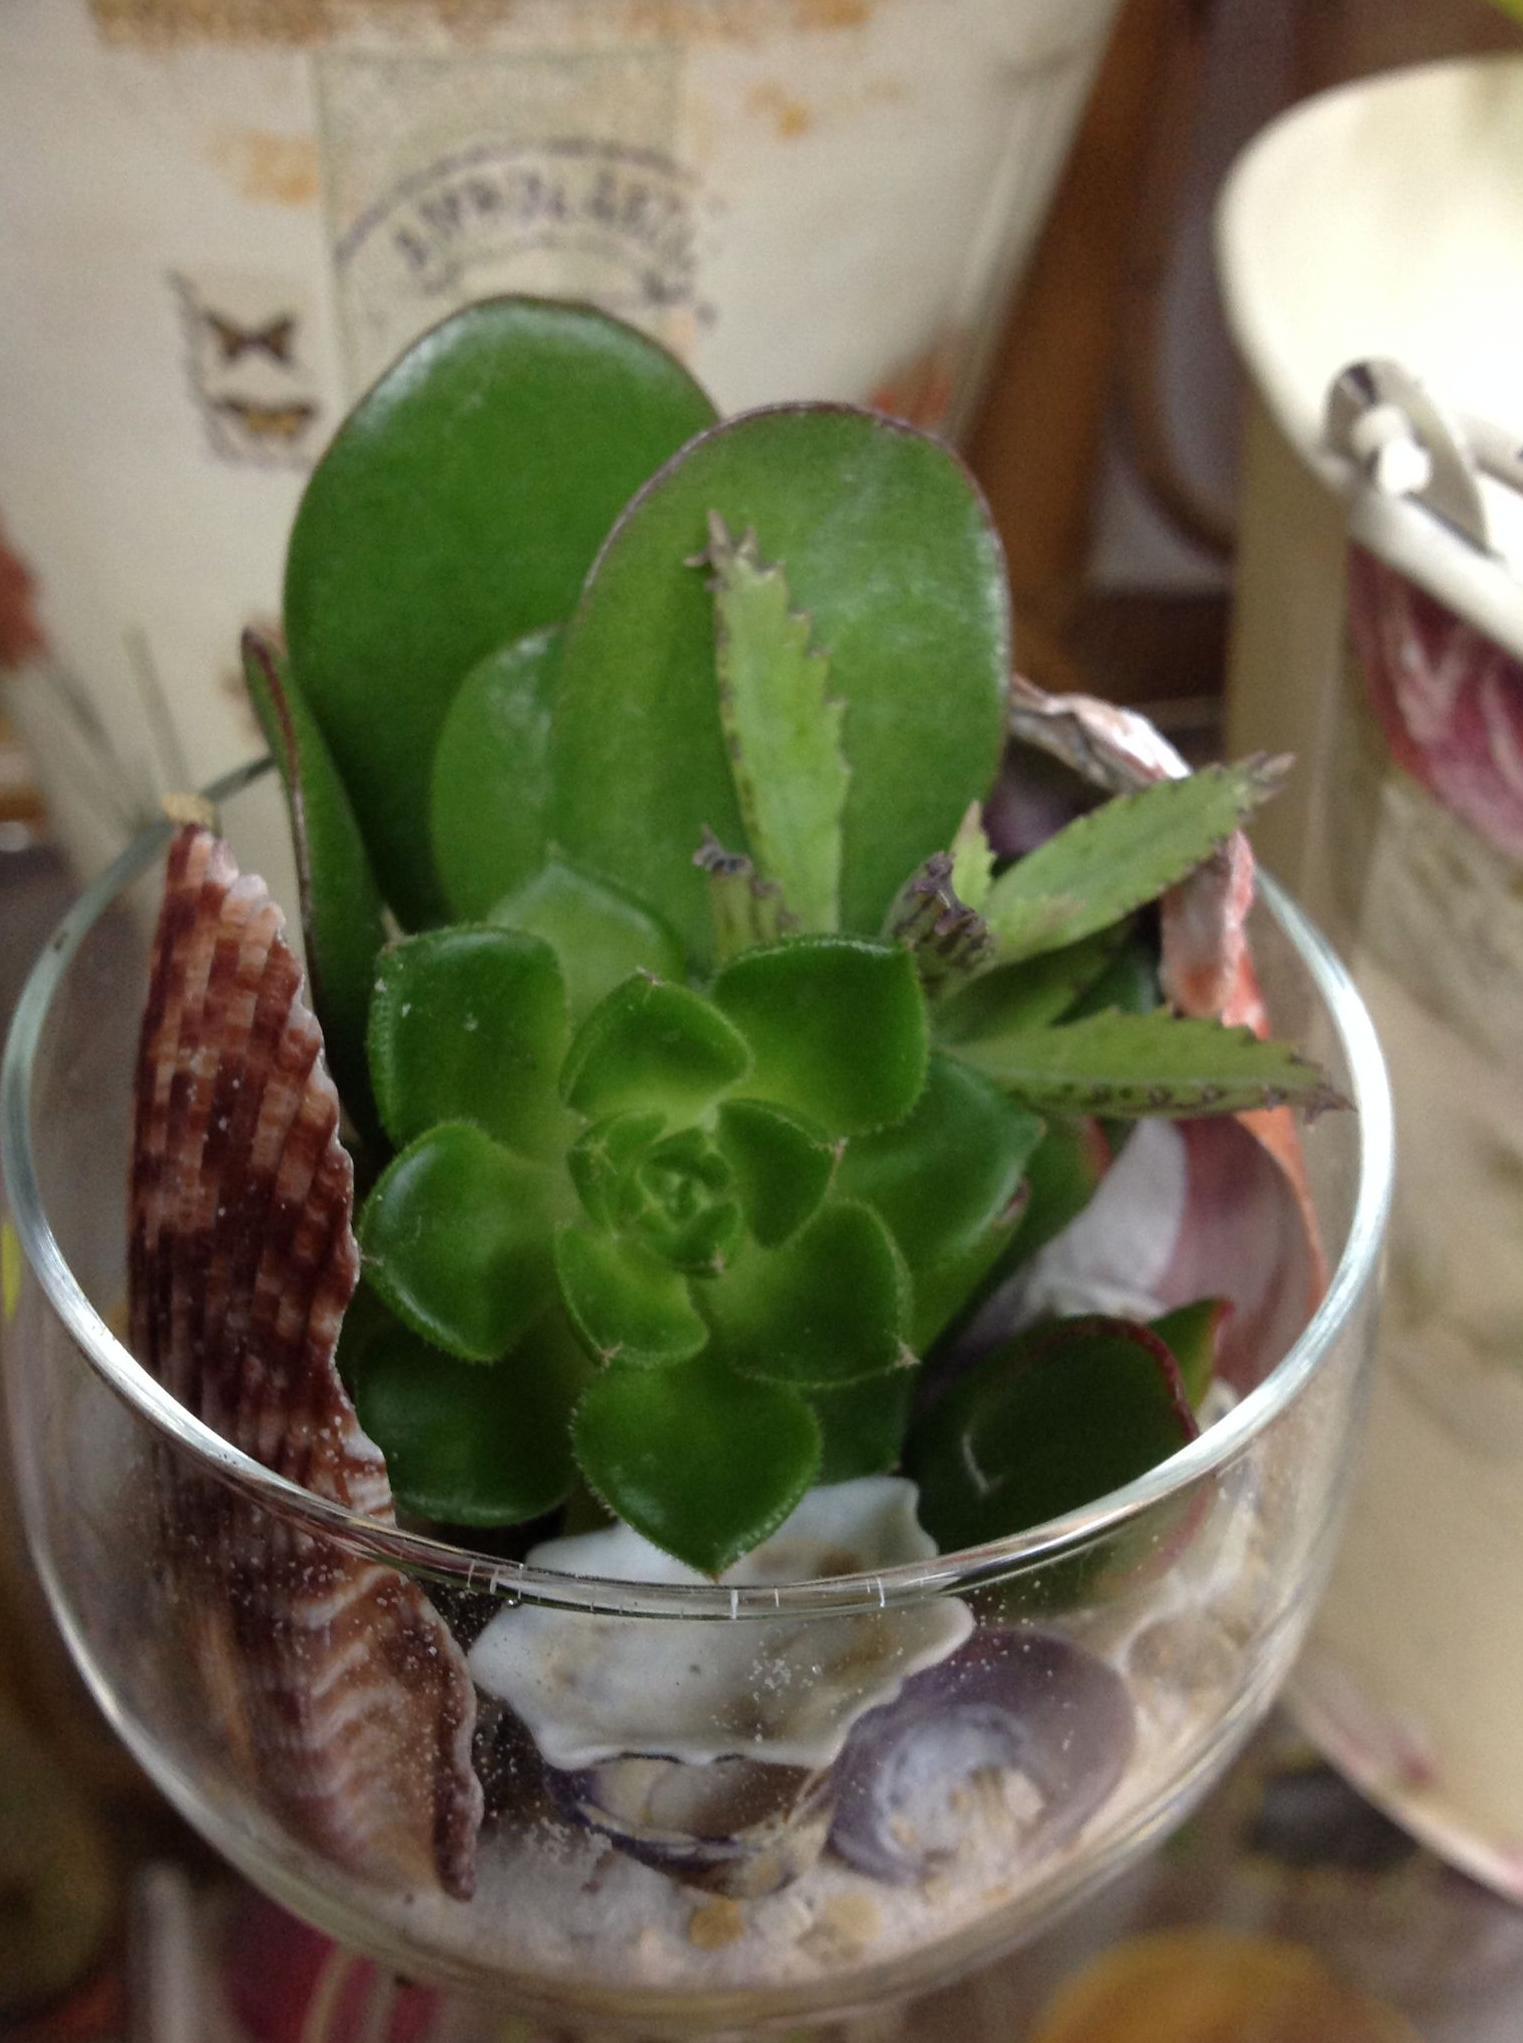 Copa cactus